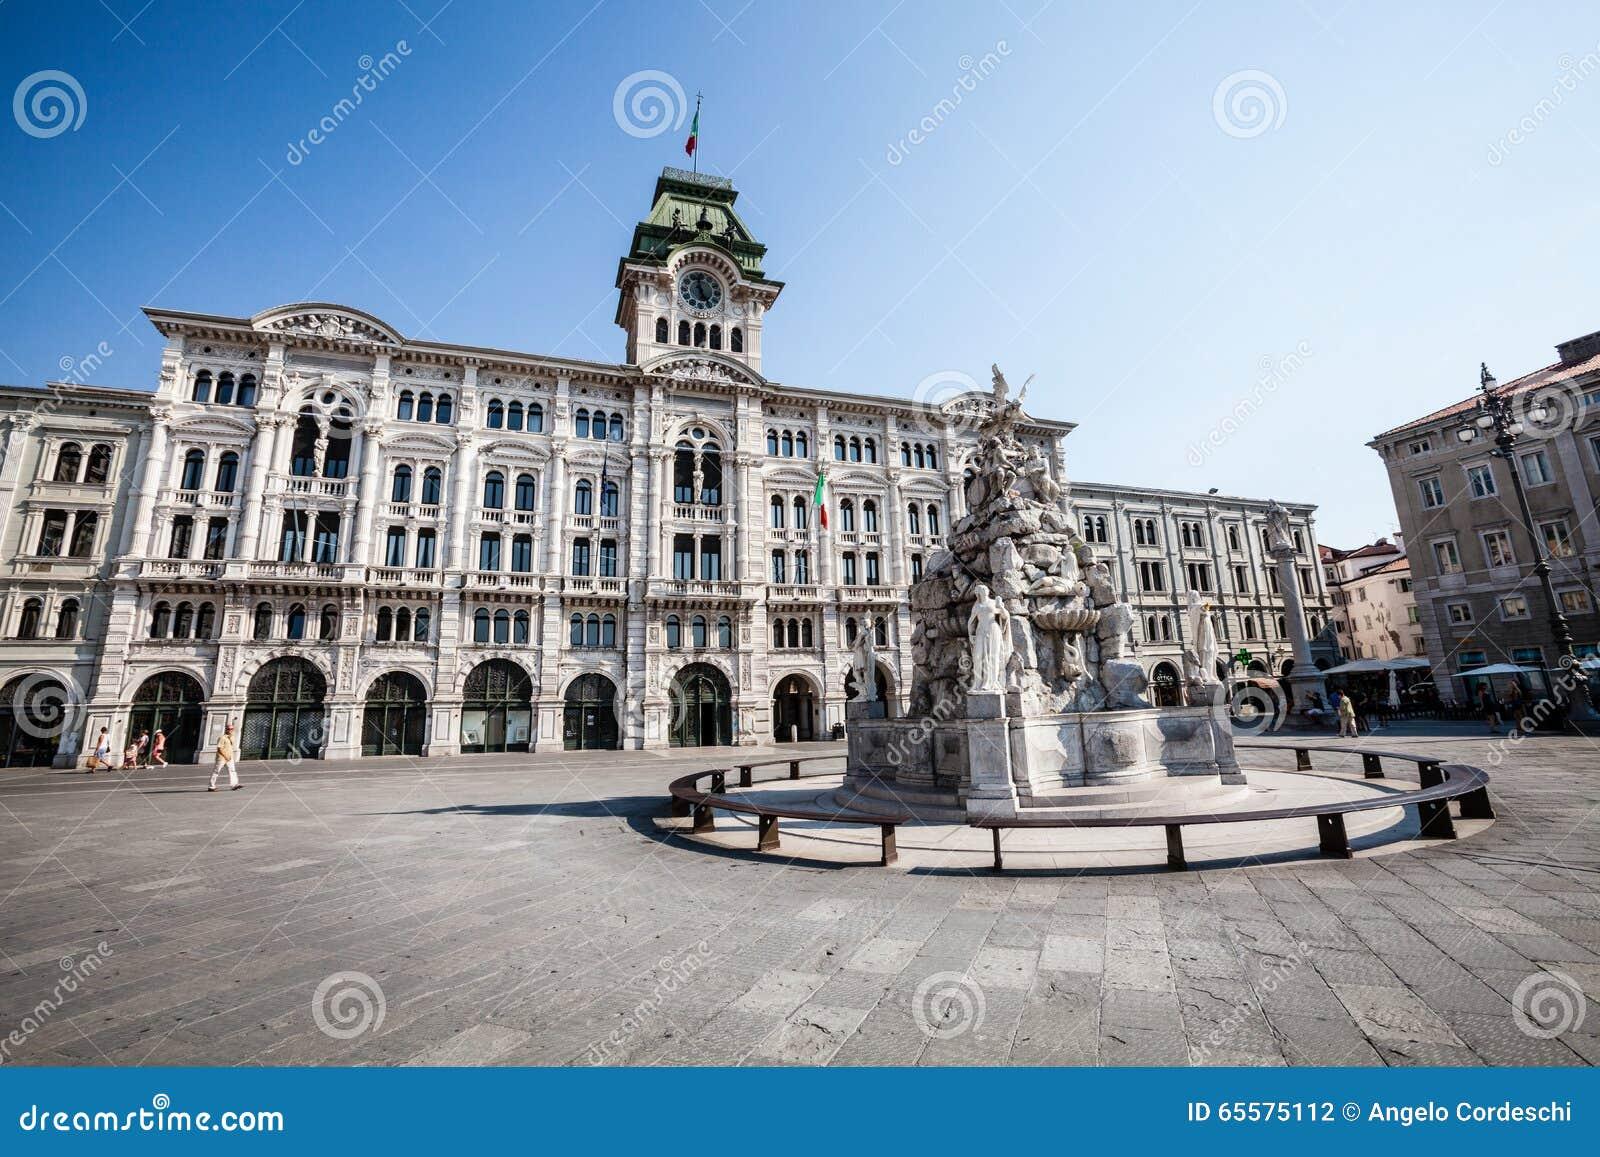 Unidade do quadrado Trieste de Itália, Itália